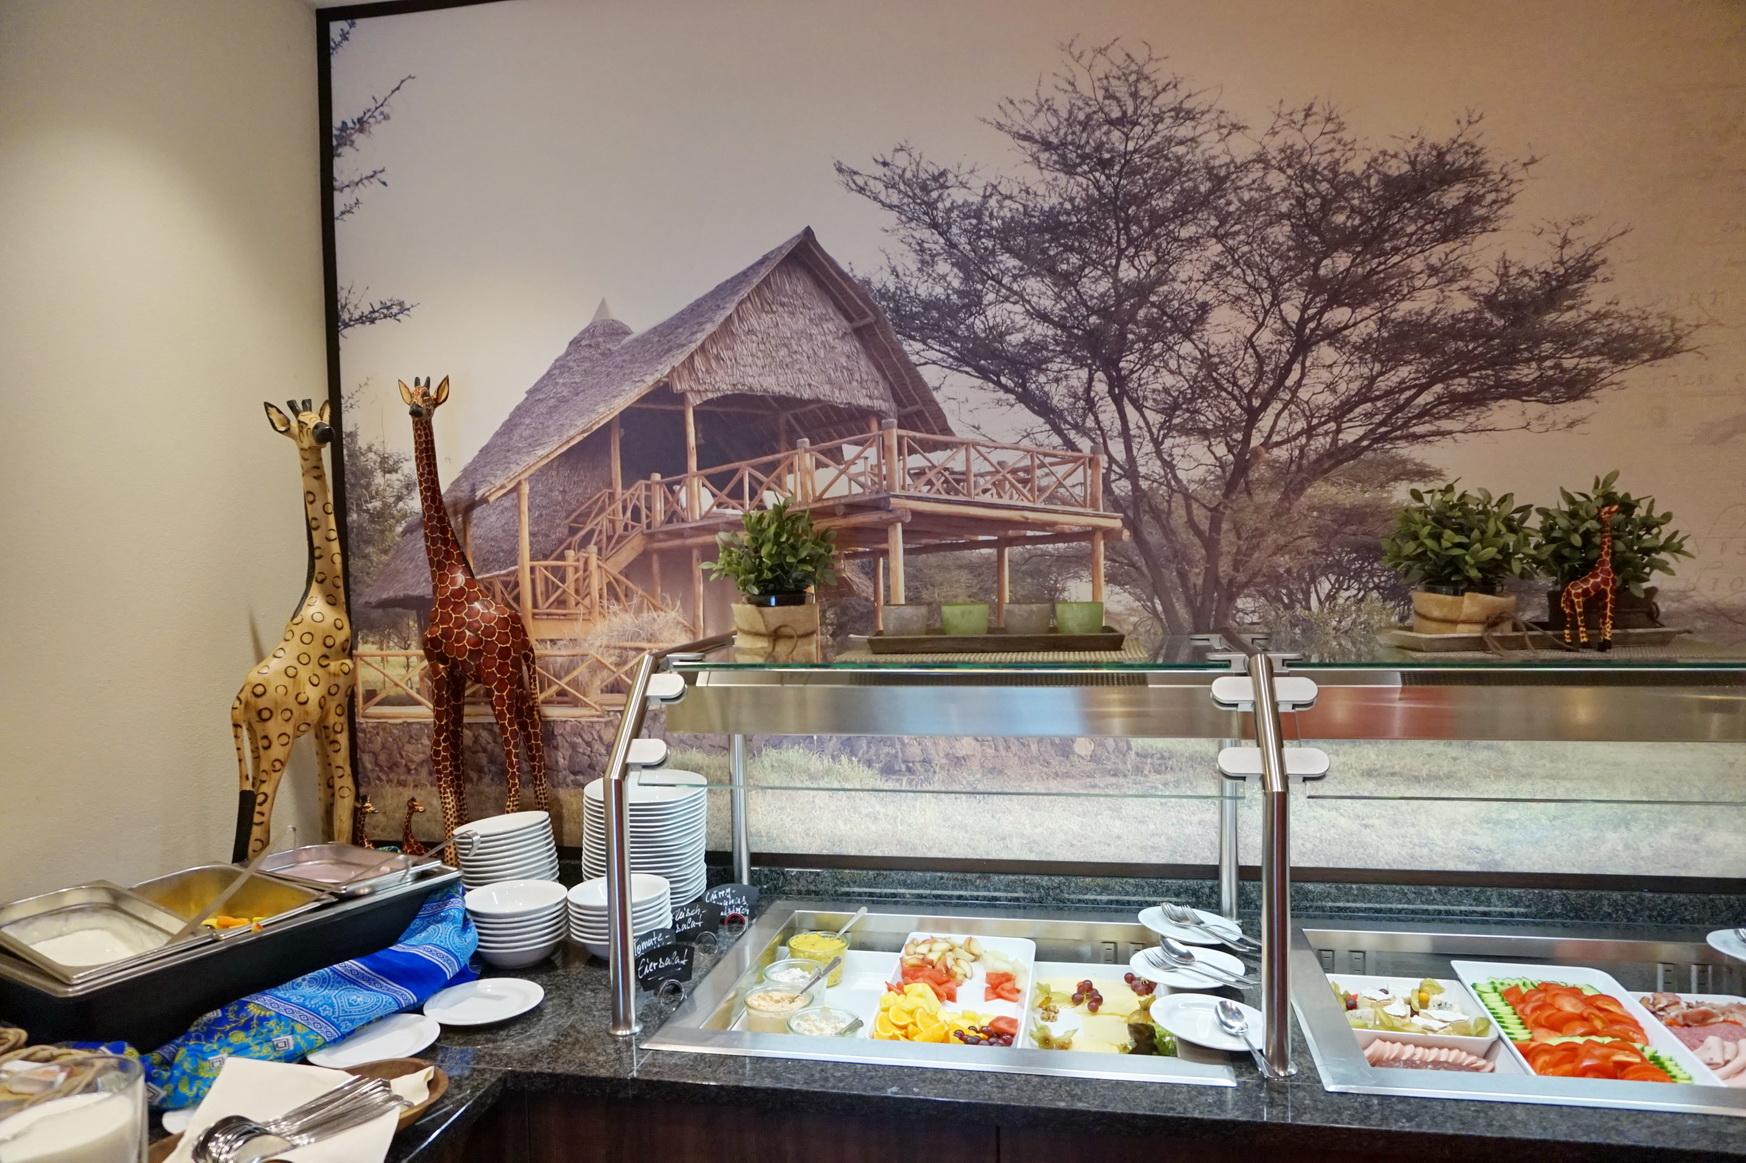 Frühstücksbuffet im Sunderland Hotel in Sundern im Sauerland